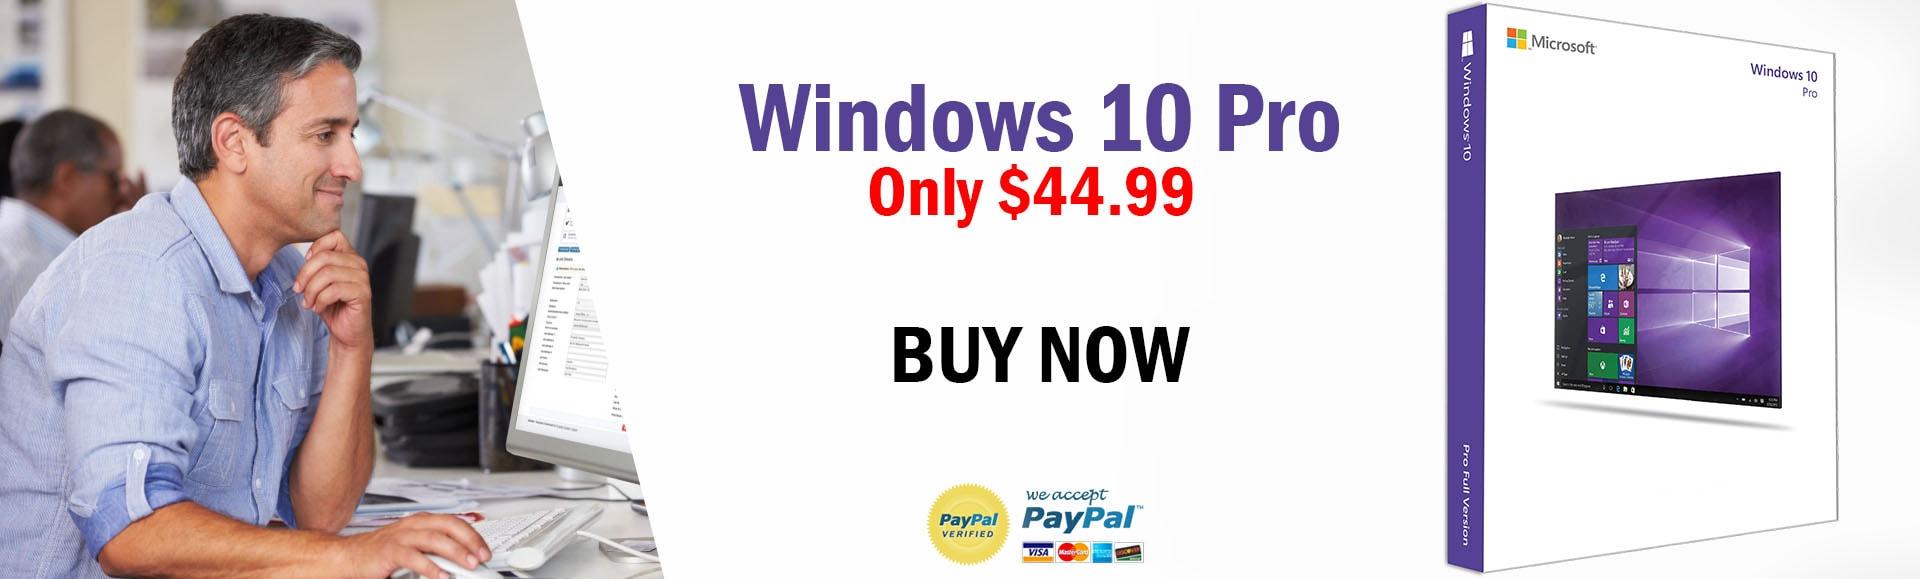 Windows 10 Pro-min